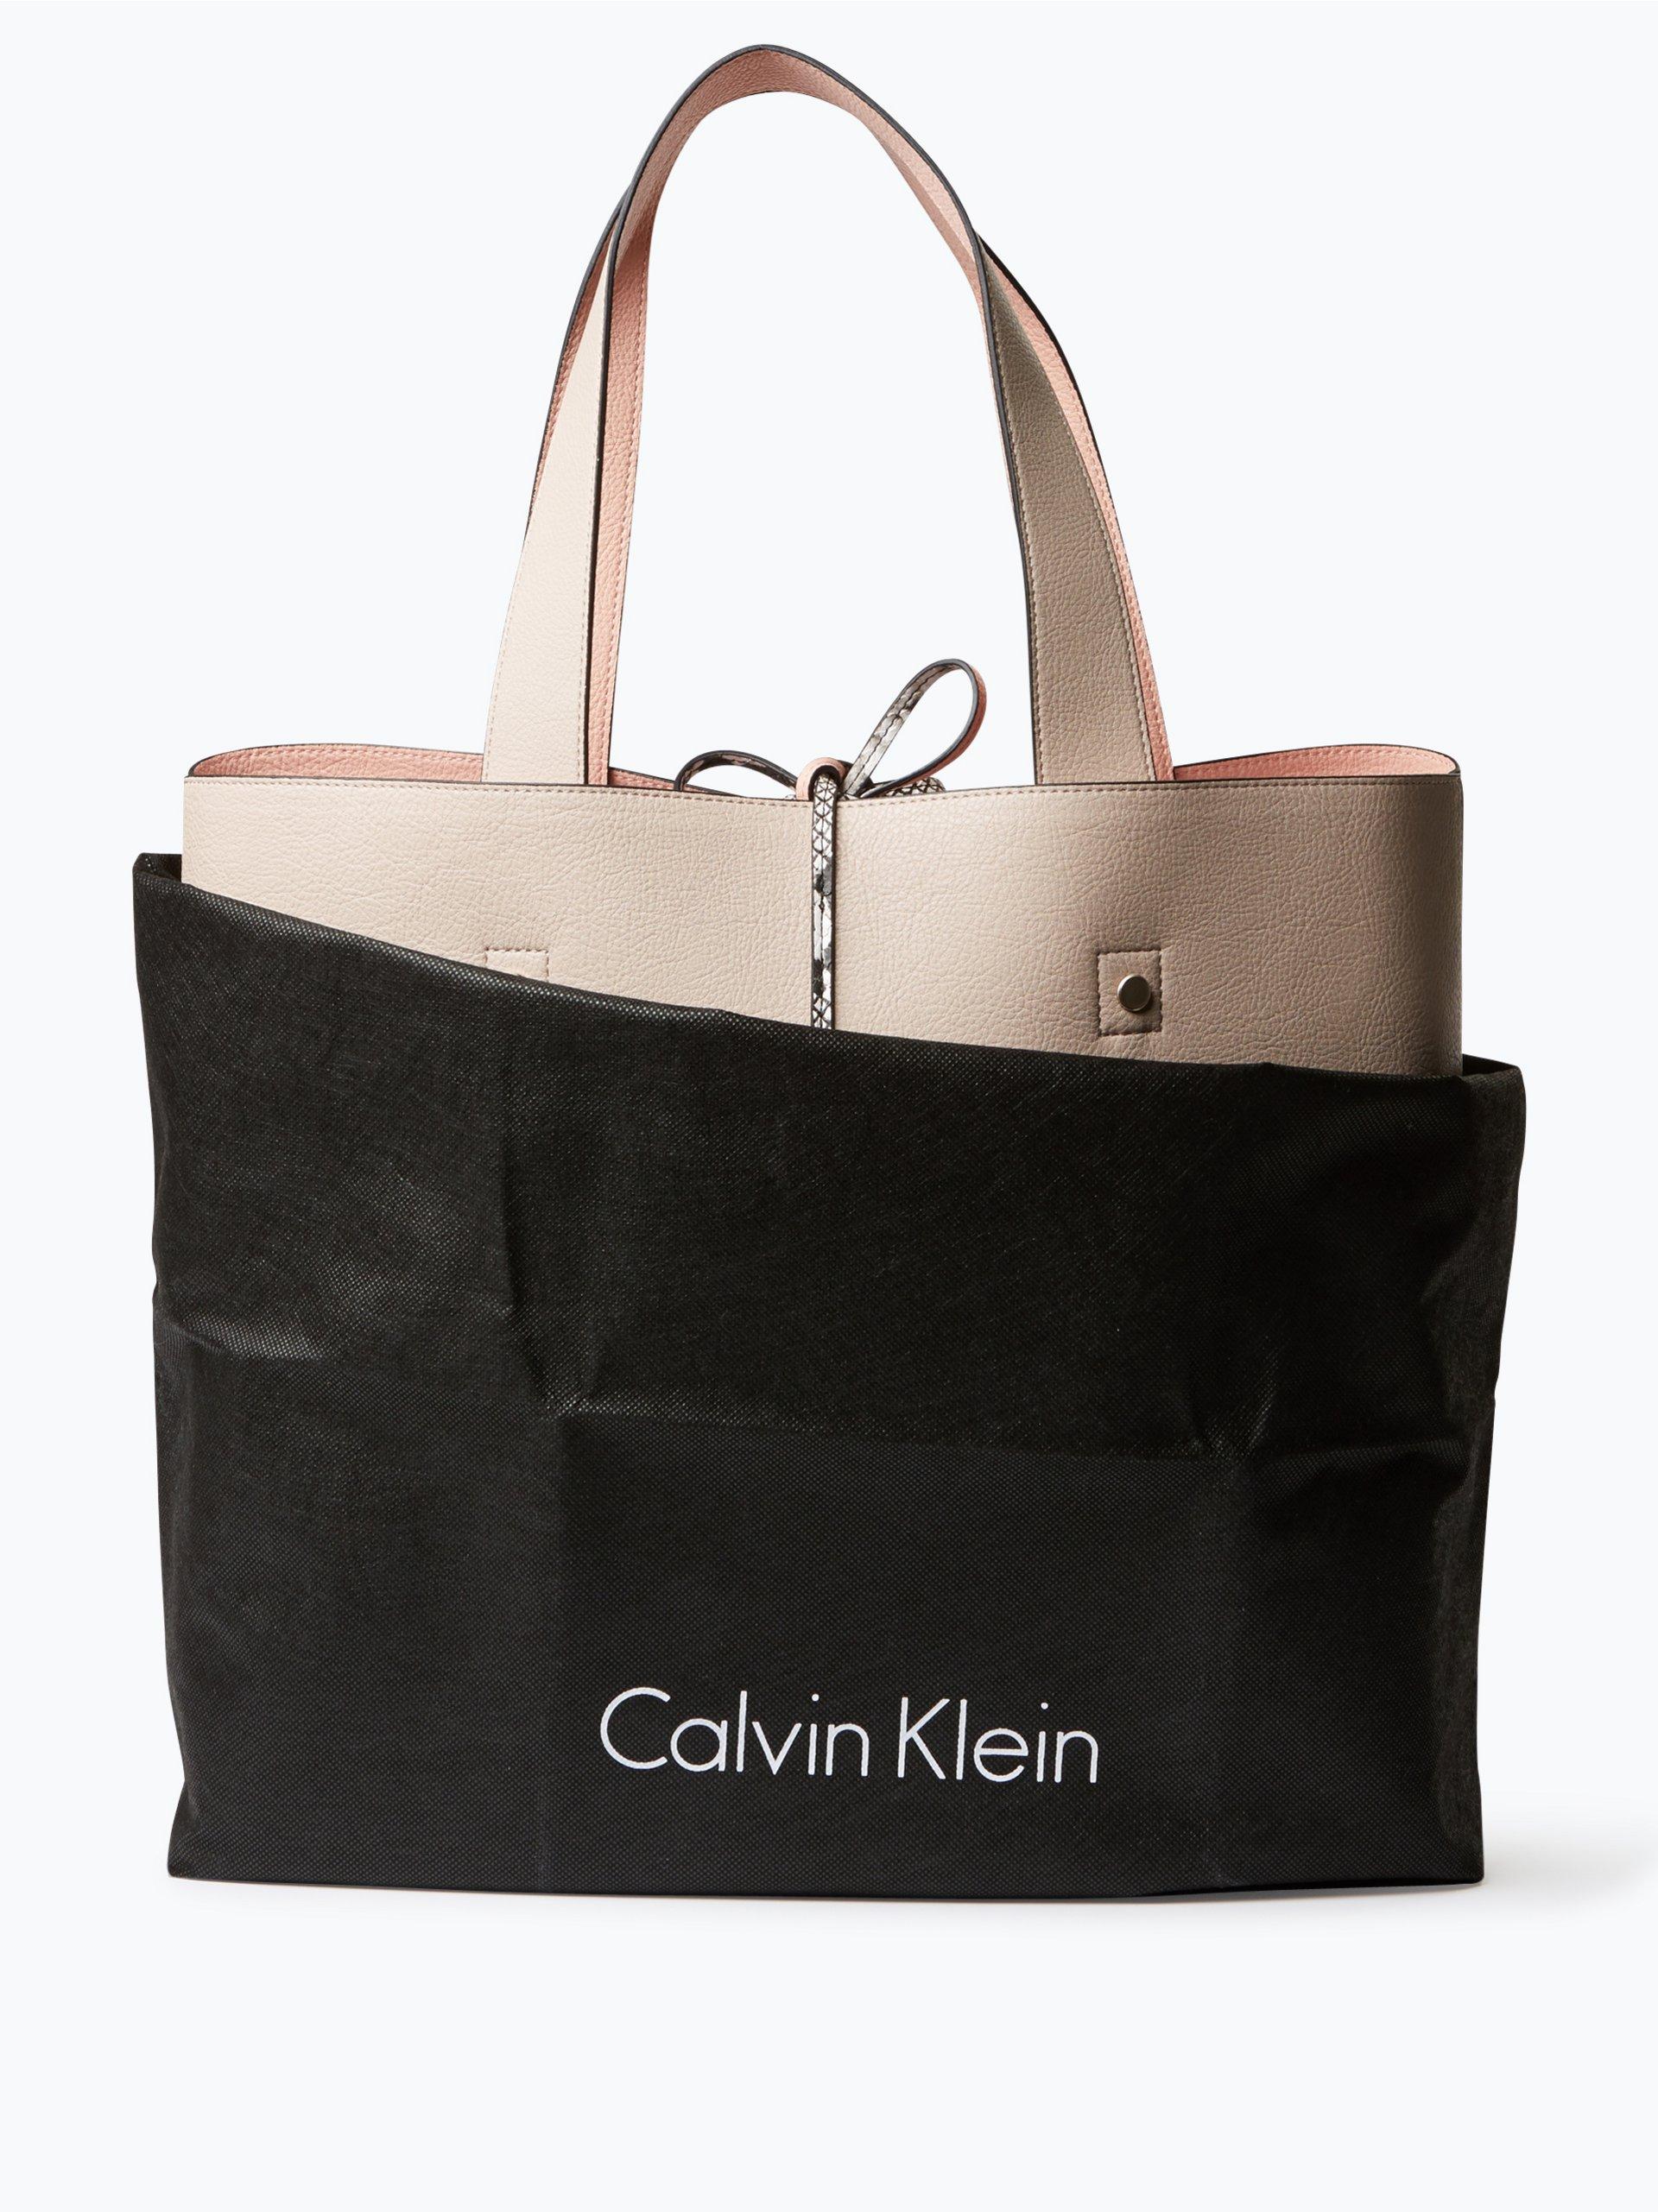 calvin klein damen wende shopper mit clutch in leder optik. Black Bedroom Furniture Sets. Home Design Ideas